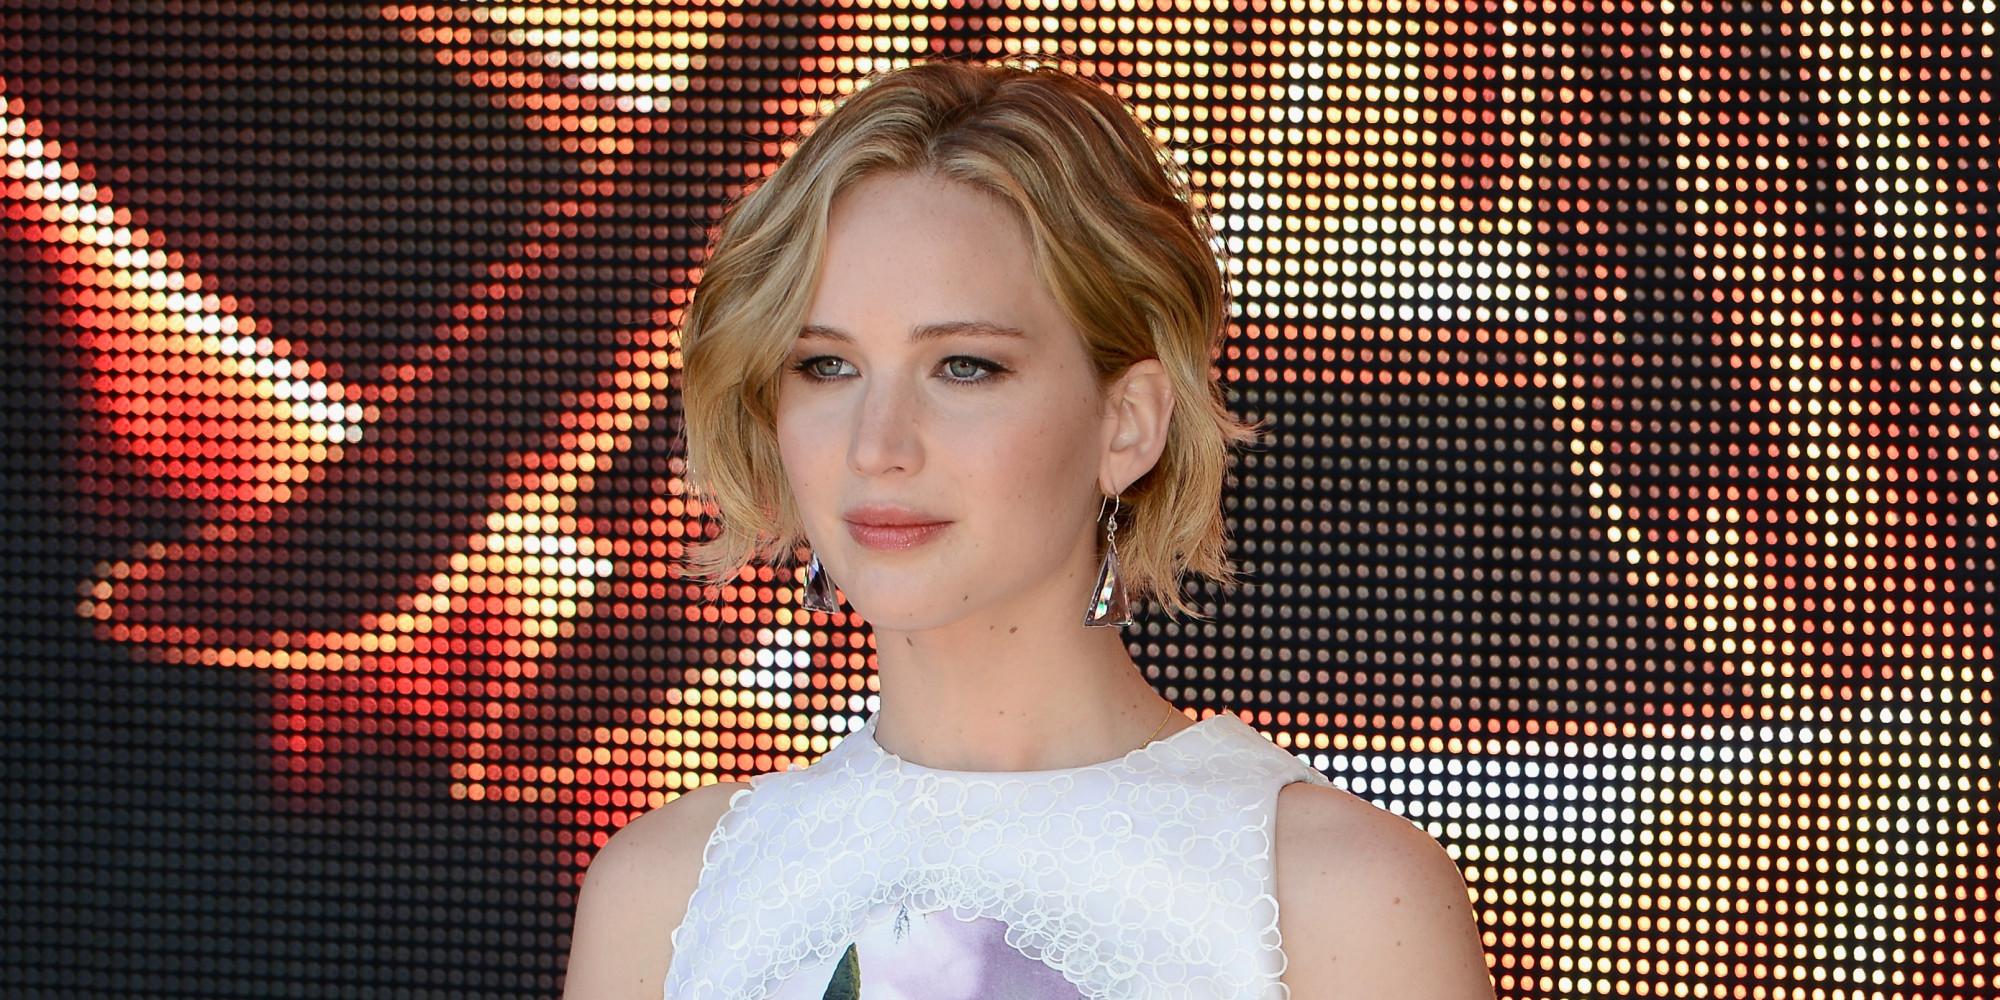 Geleakte Nacktbilder von Jennifer Lawrence: Galerie in